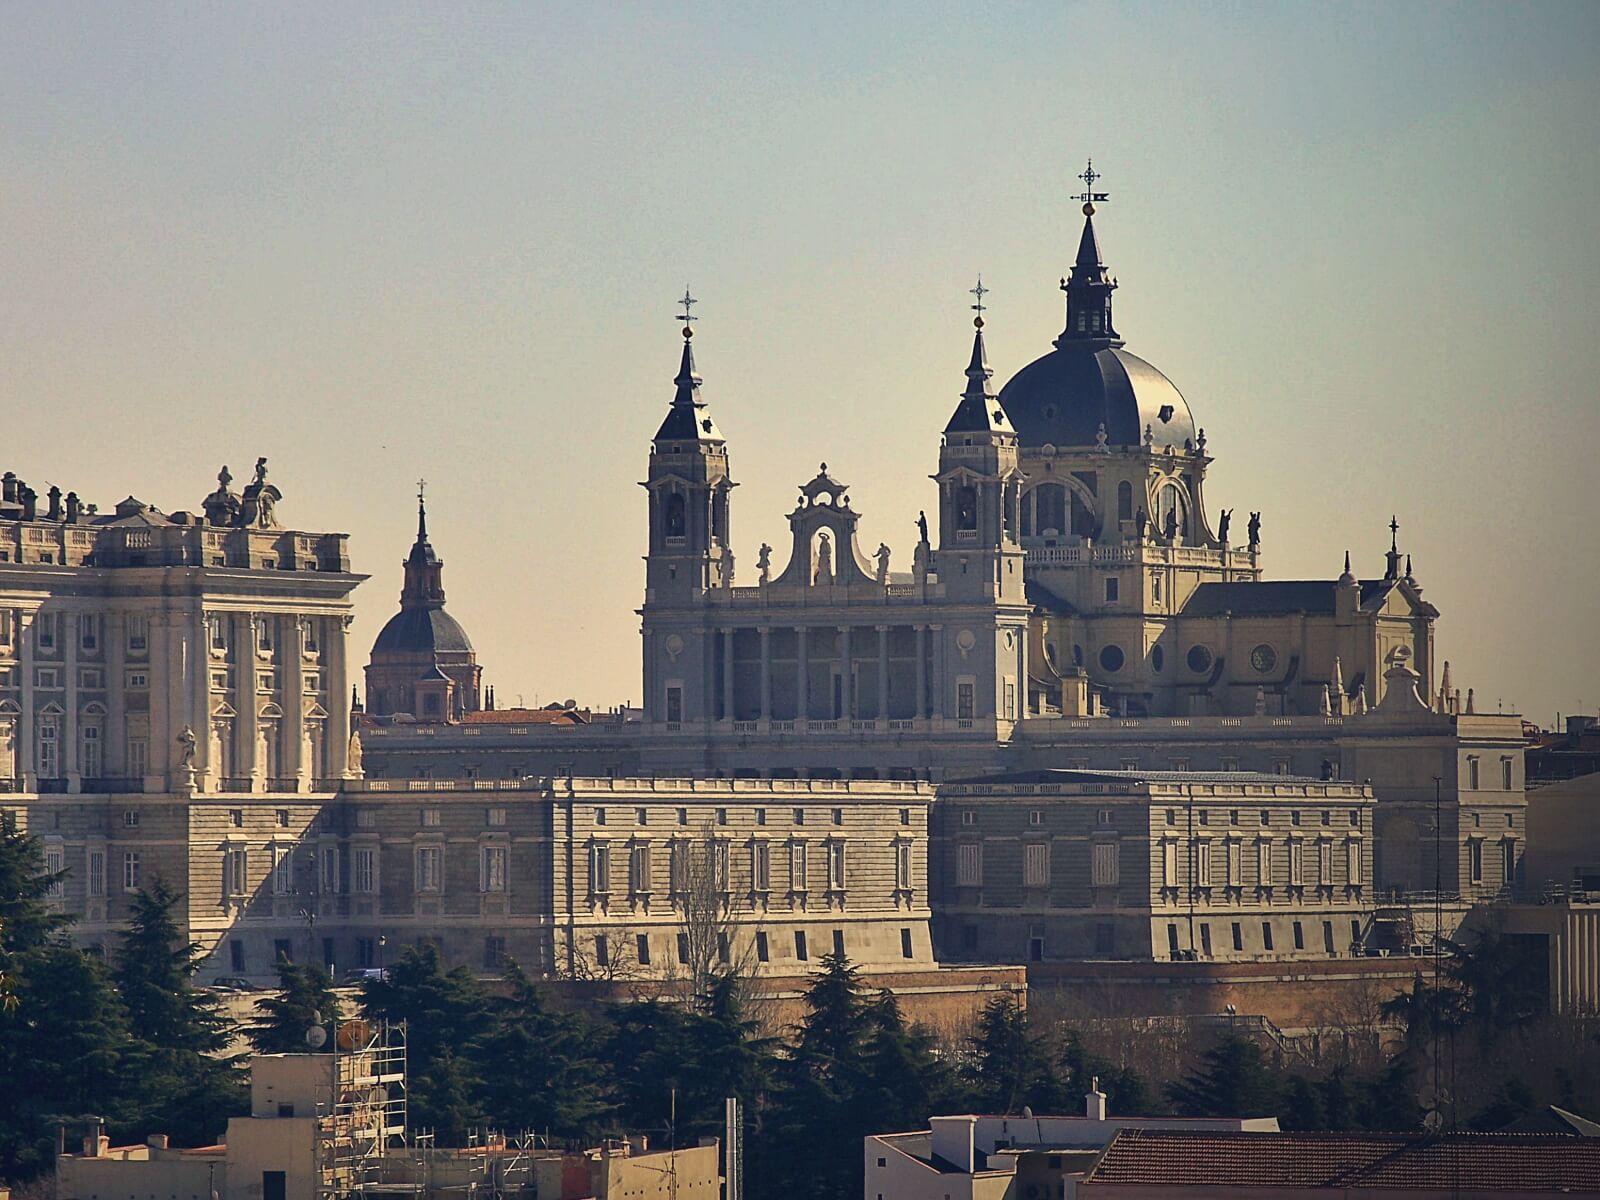 Widok na madrycki pałac królewski i katedrę.